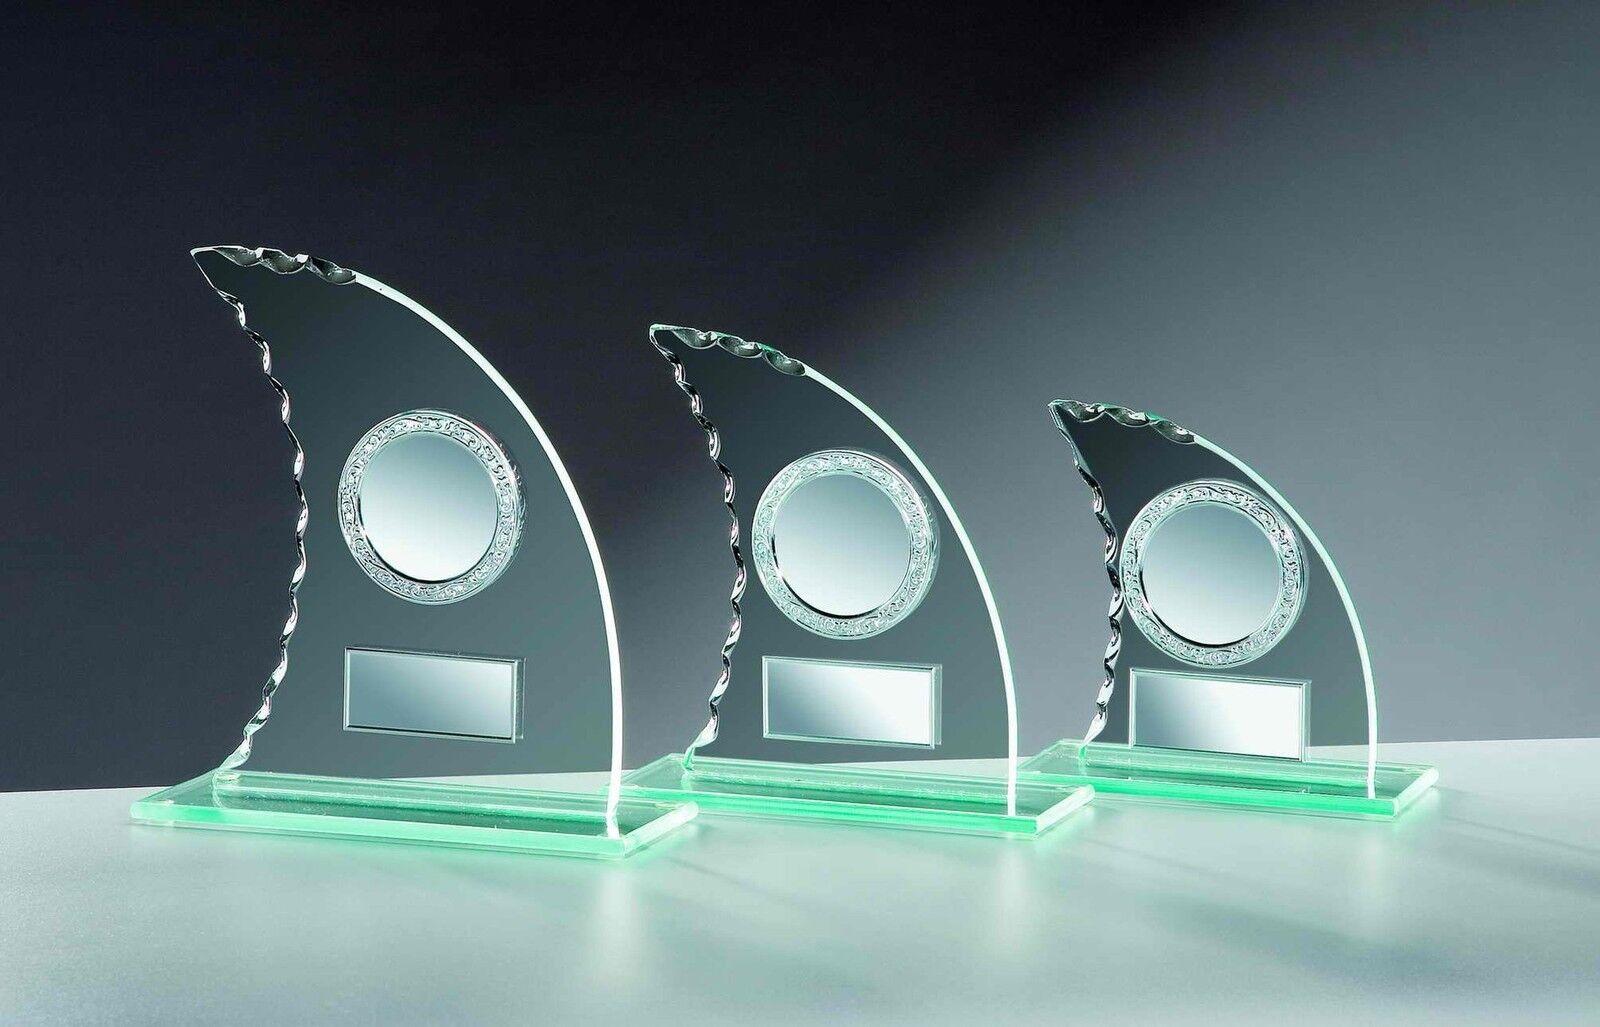 6 trofeos de vidrio vela - dentada hoja 17cm  11 (trofeos de grabado de Copa de copas de vidrio)